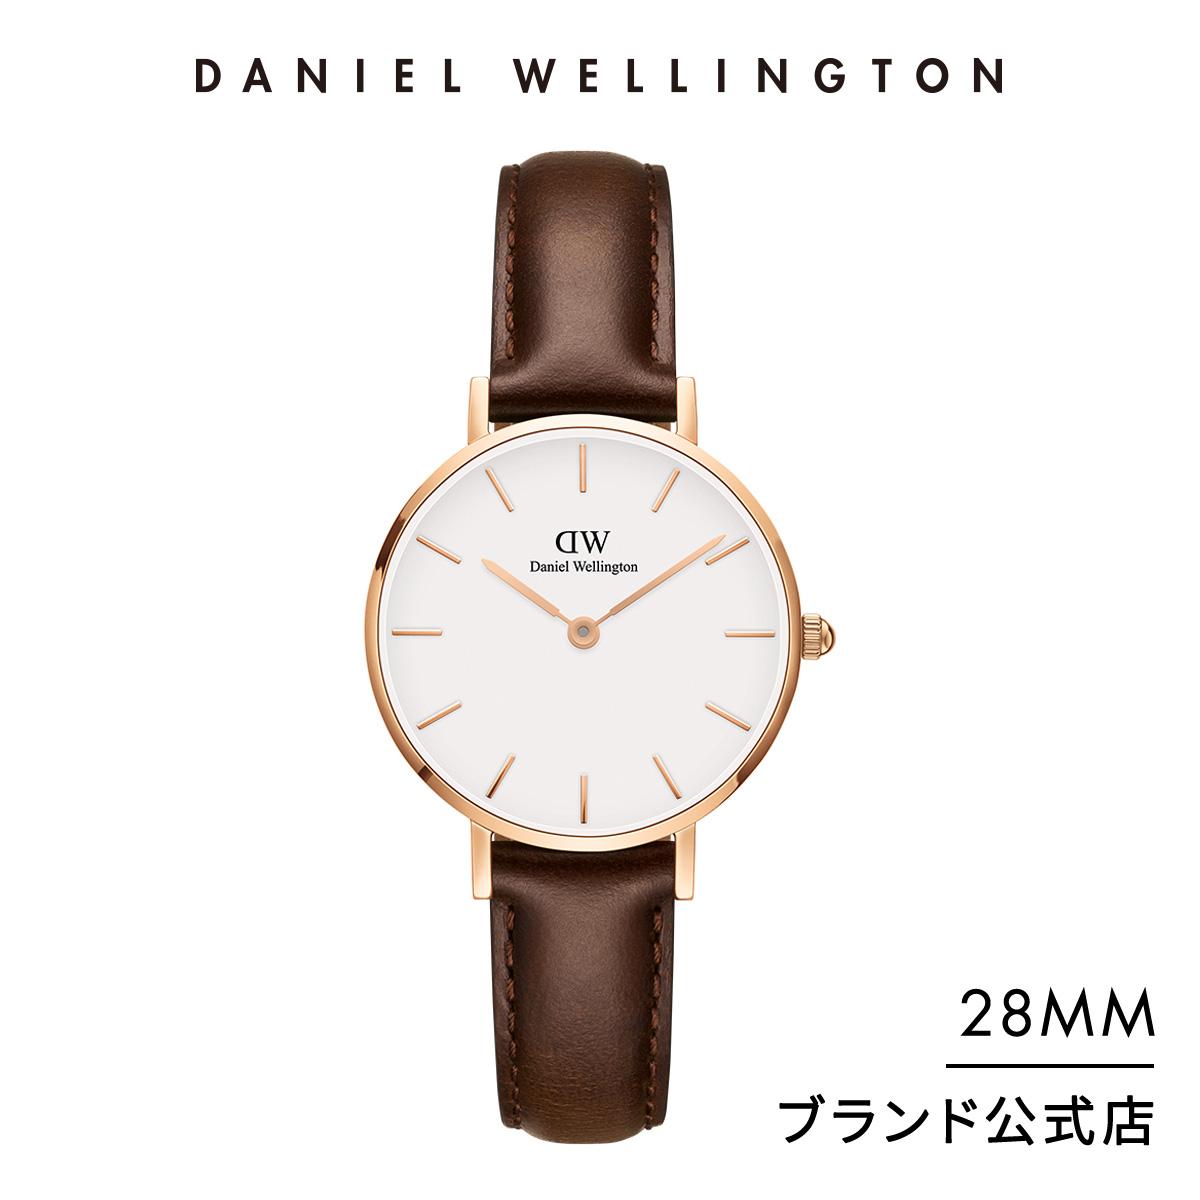 【公式2年保証/送料無料】ダニエルウェリントン公式 レディース 腕時計 Petite Bristol 28mm 革 ベルト クラシック ぺティート ブリストル DW プレゼント おしゃれ インスタ映え ブランド 彼女 彼氏 ペアスタイルに最適 ウォッチ ボーナス